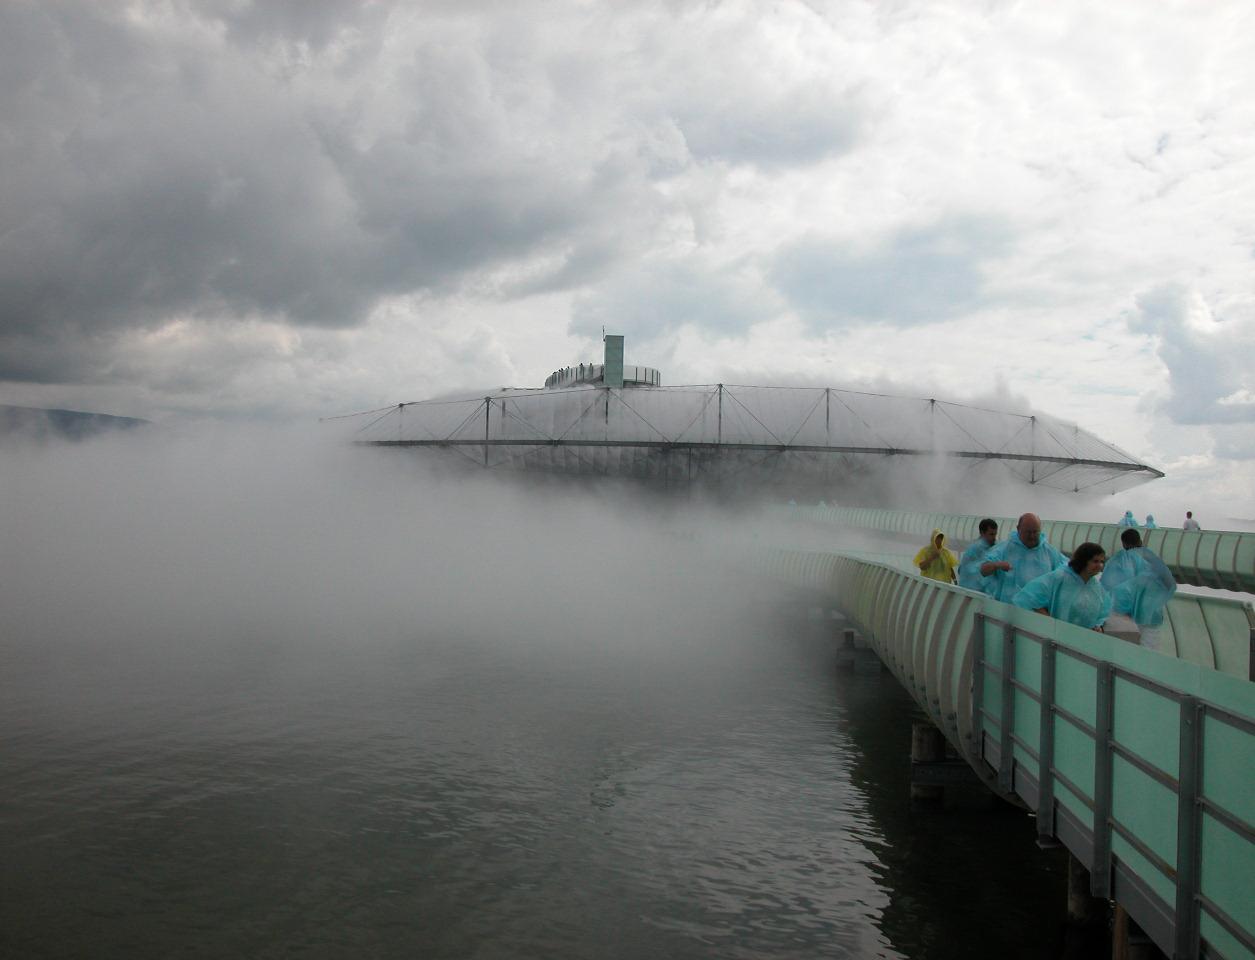 diane-dubeau-nuage-blur-building-diller-scofidio-3